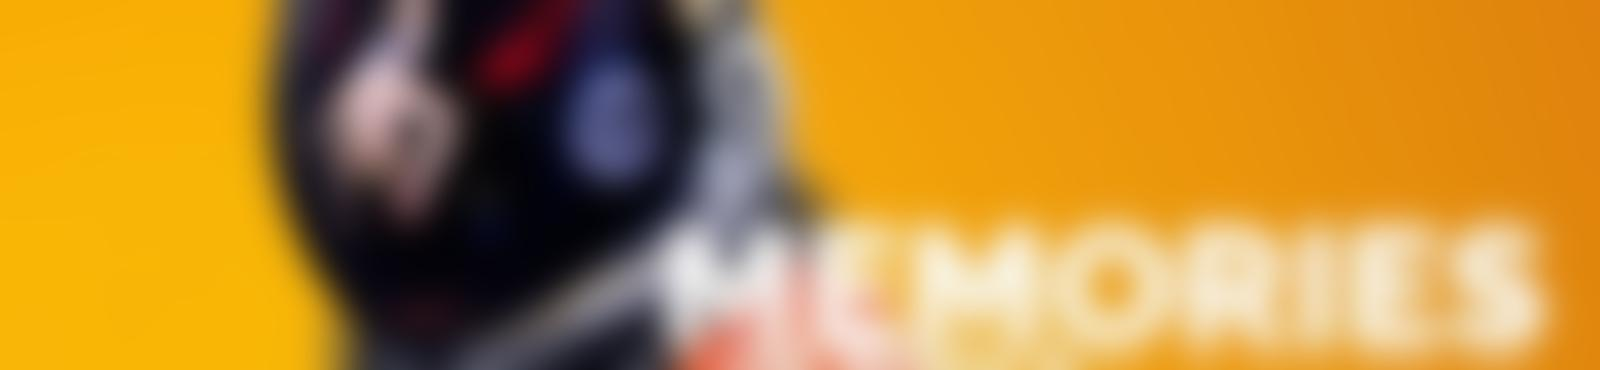 Blurred d4f66568 1bd3 4e0f 861d 55392aef697c